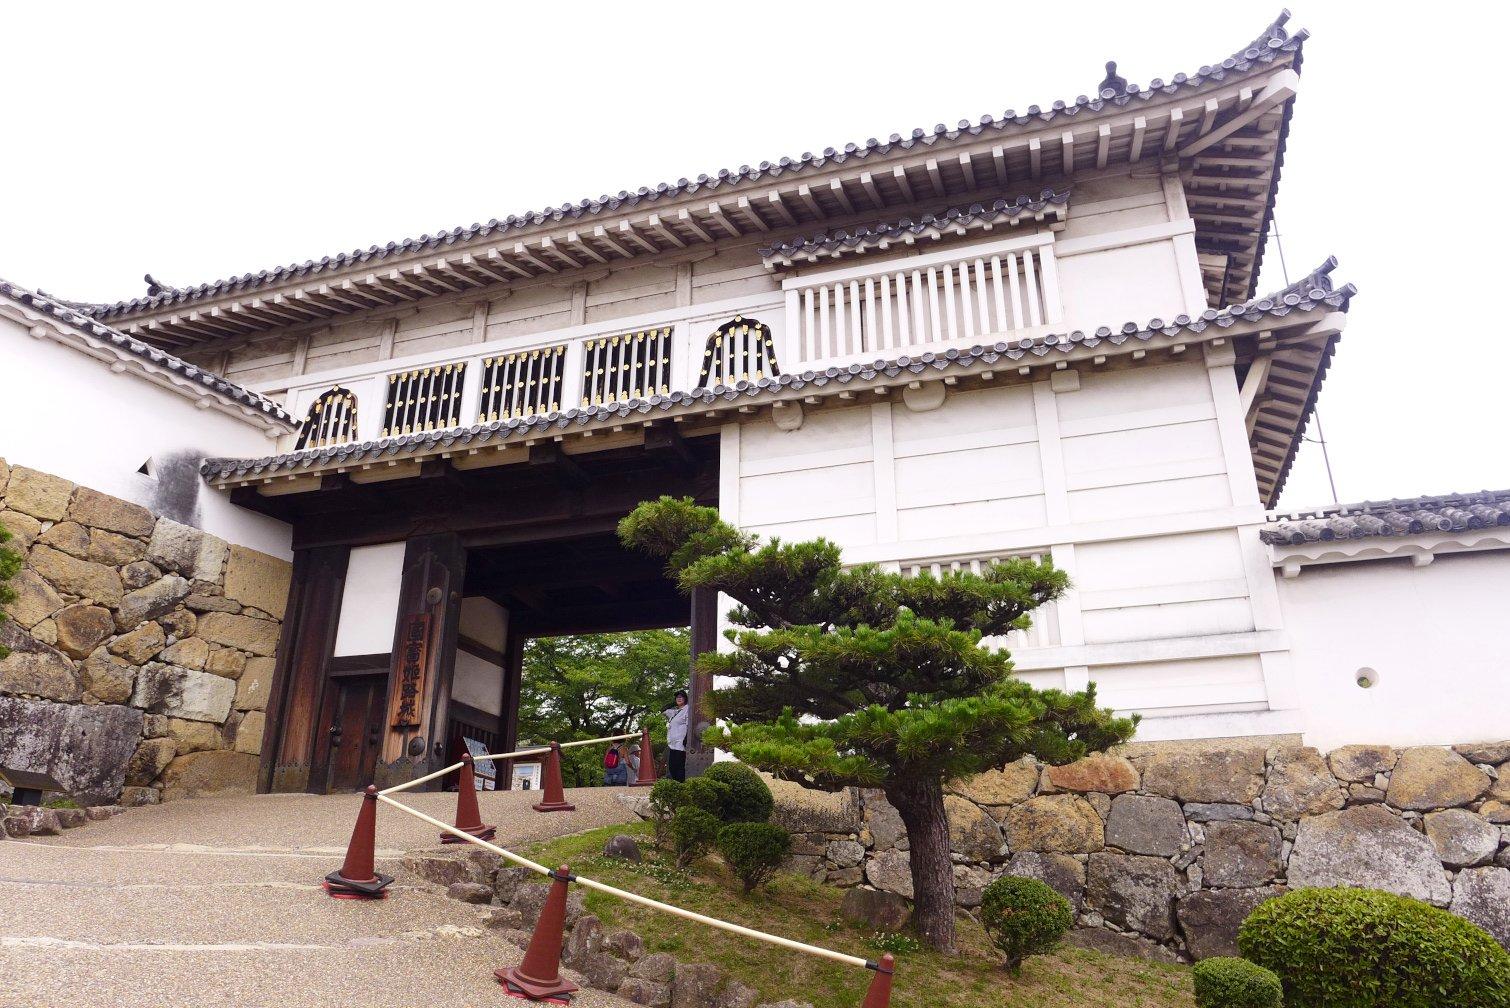 Himeji Japan travel; What to do in Himeji Japan; What to see in Himeji Japan; D.I.Y. Japan itinerary